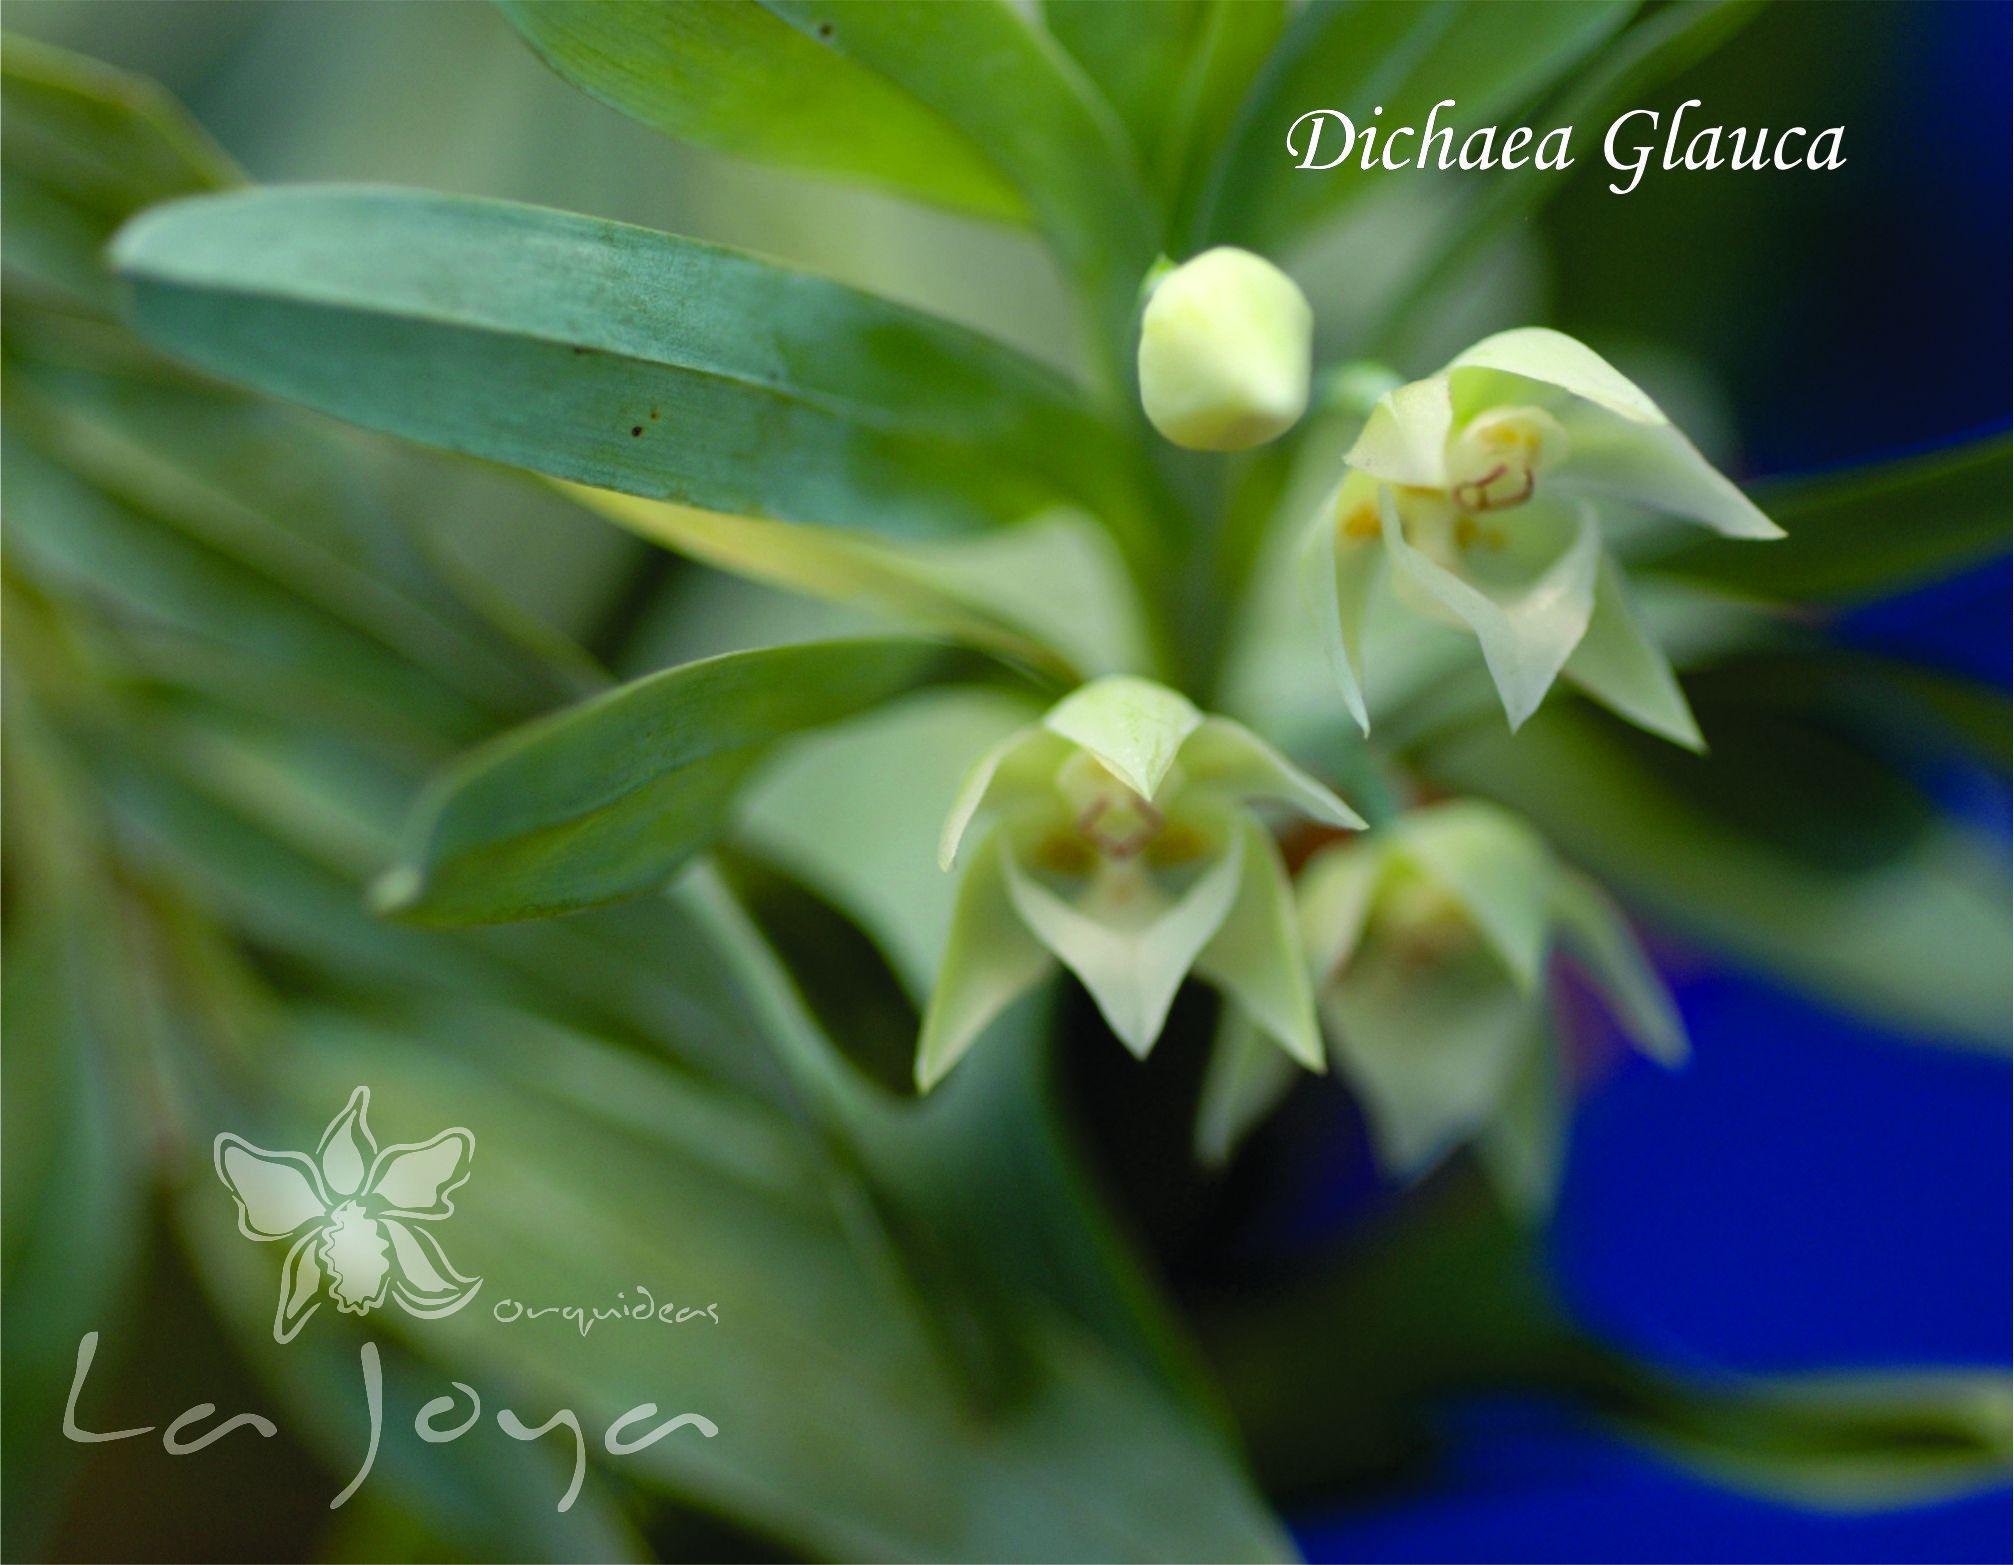 Dichaea Glauca